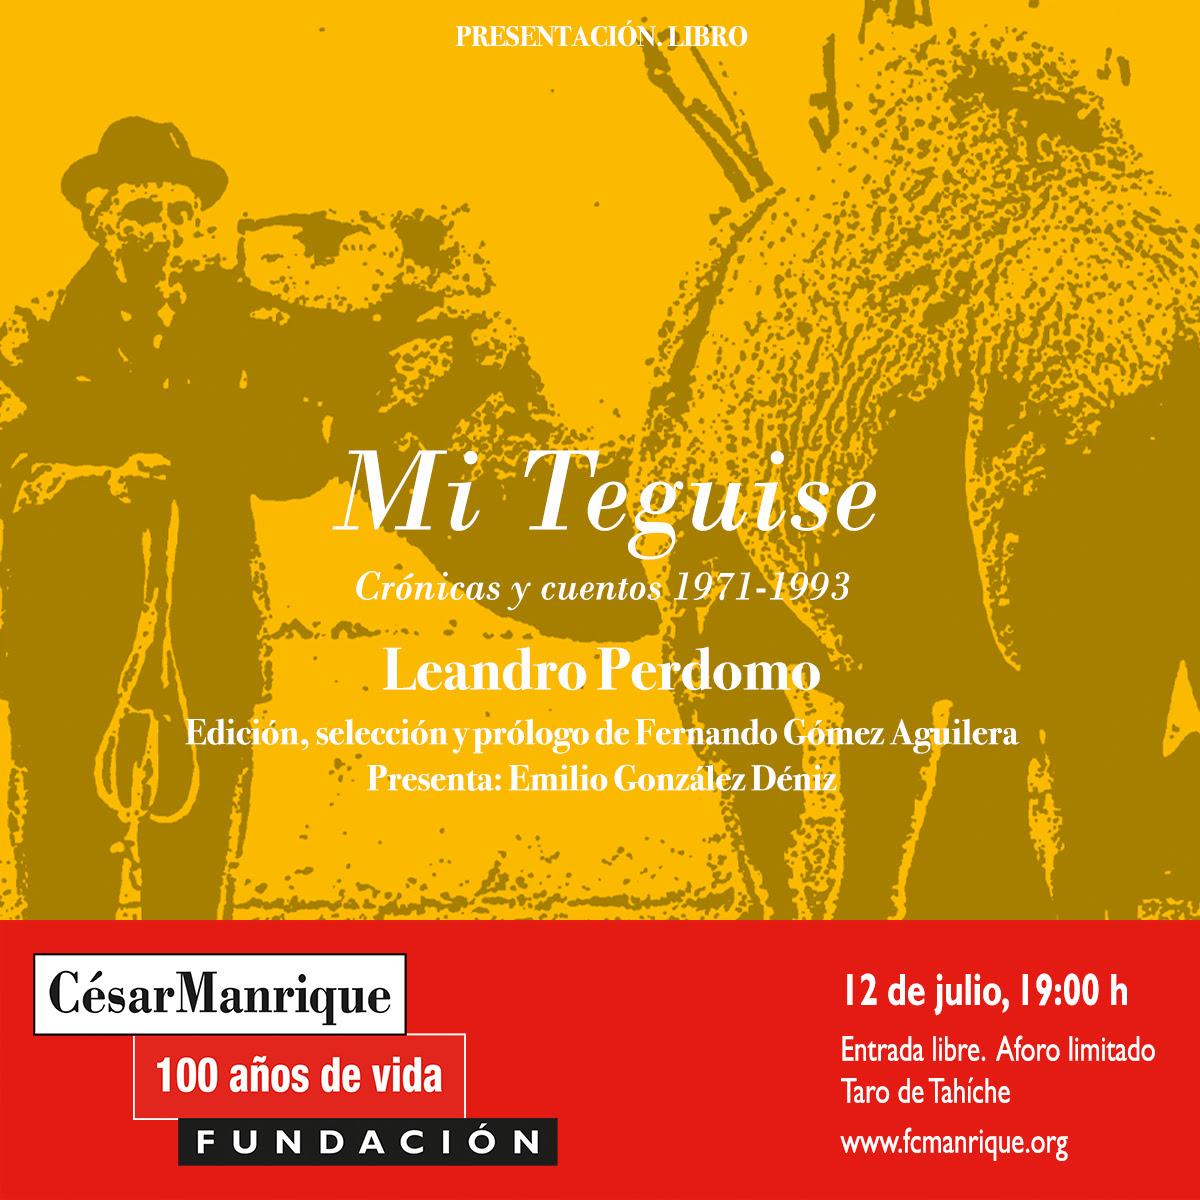 """La Fundación César Manrique presenta """"Mi Teguise"""", una selección de crónicas de Leandro Perdomo realizada por Fernando Gómez Aguilera, en el marco del centenario de su fundador"""